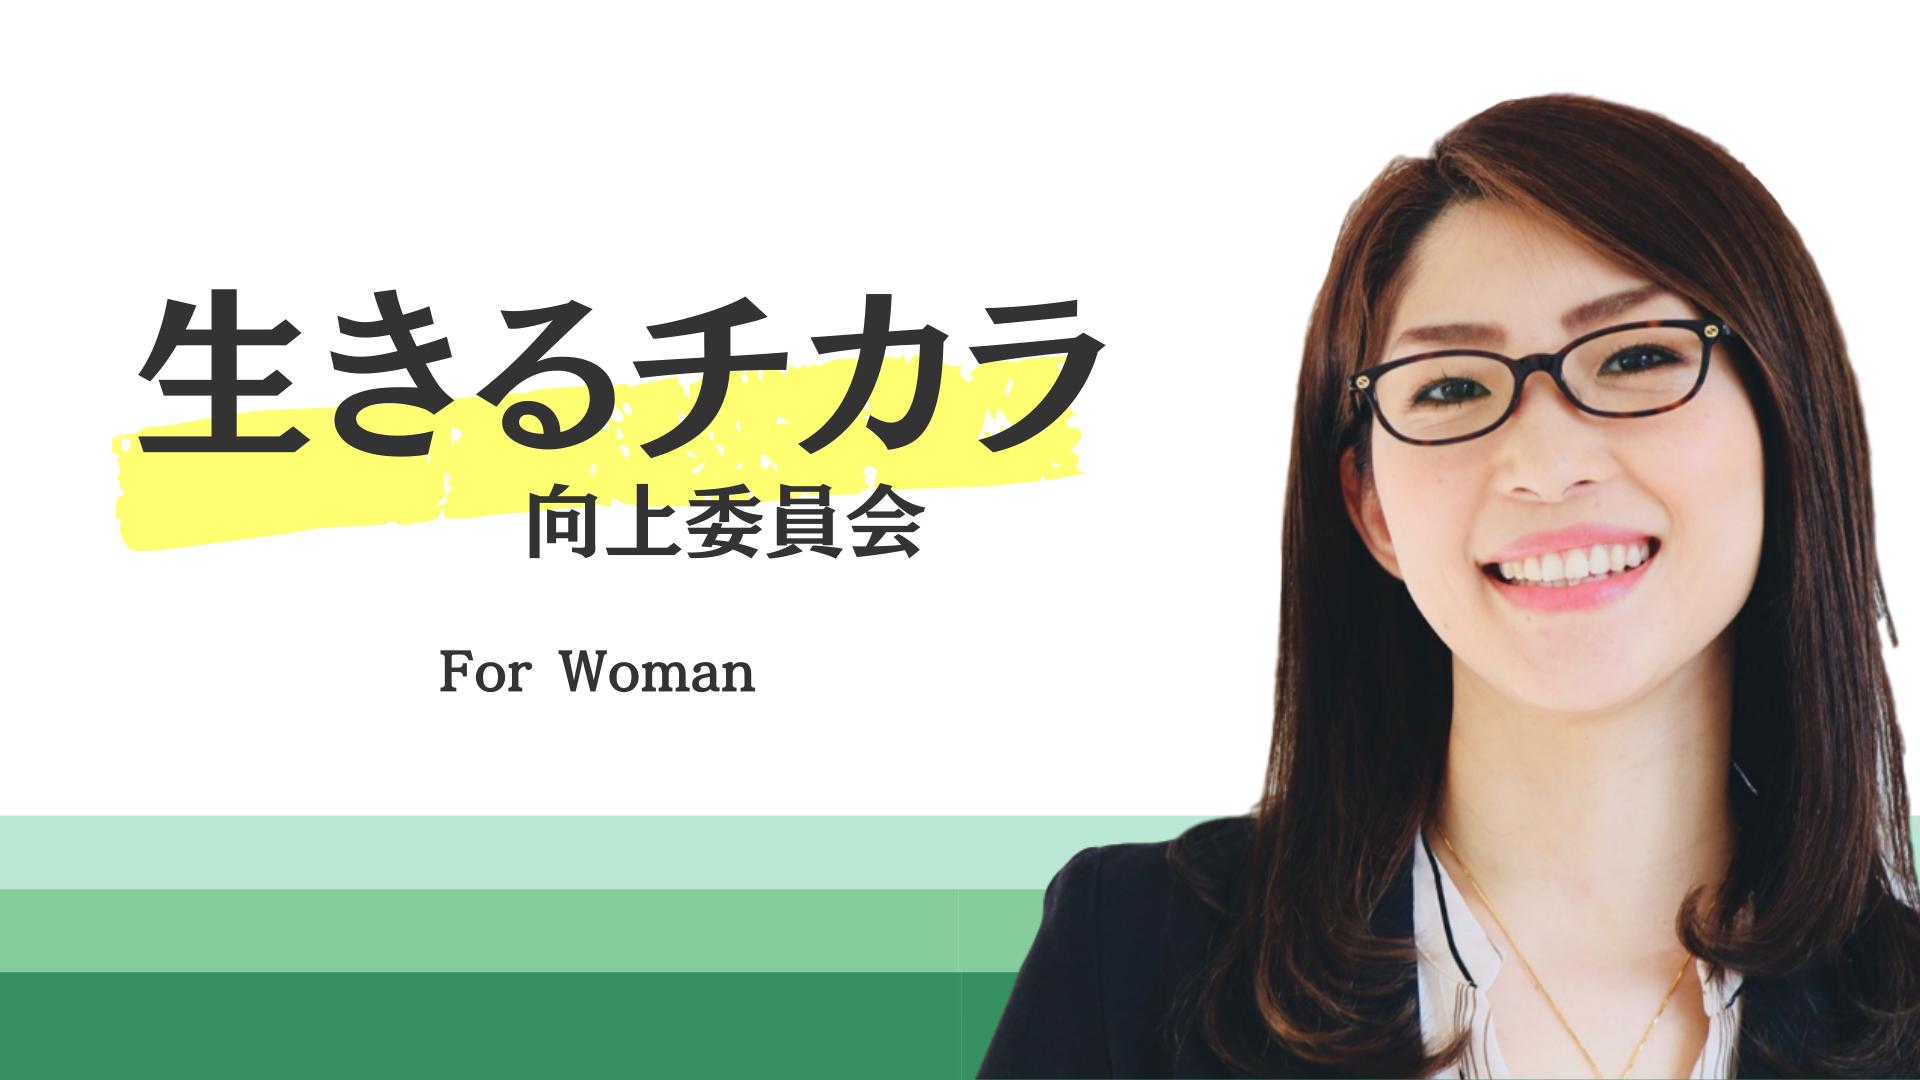 KYOKOの生きるチカラ向上委員会